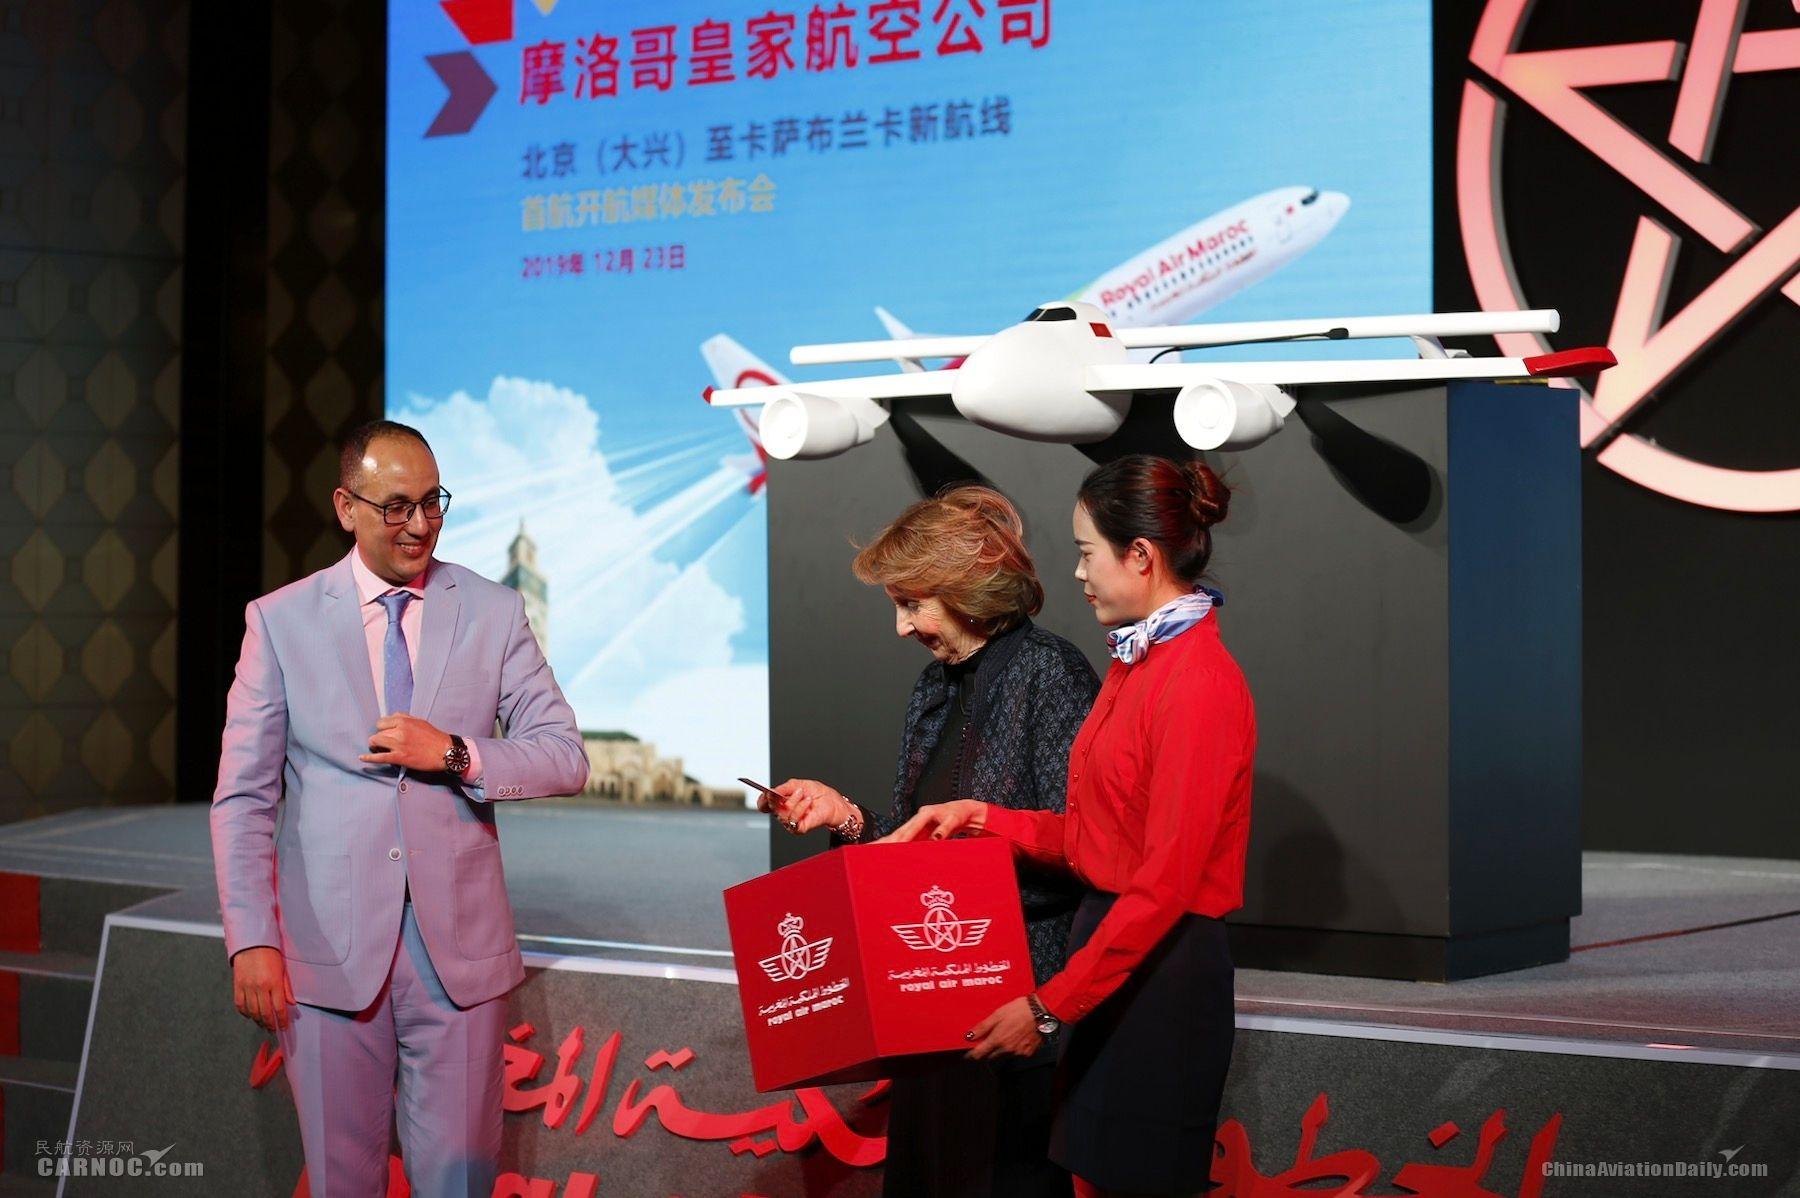 摩洛哥皇家航空公司将开通摩洛哥与中国的直飞航线            摩洛哥皇家航空供图